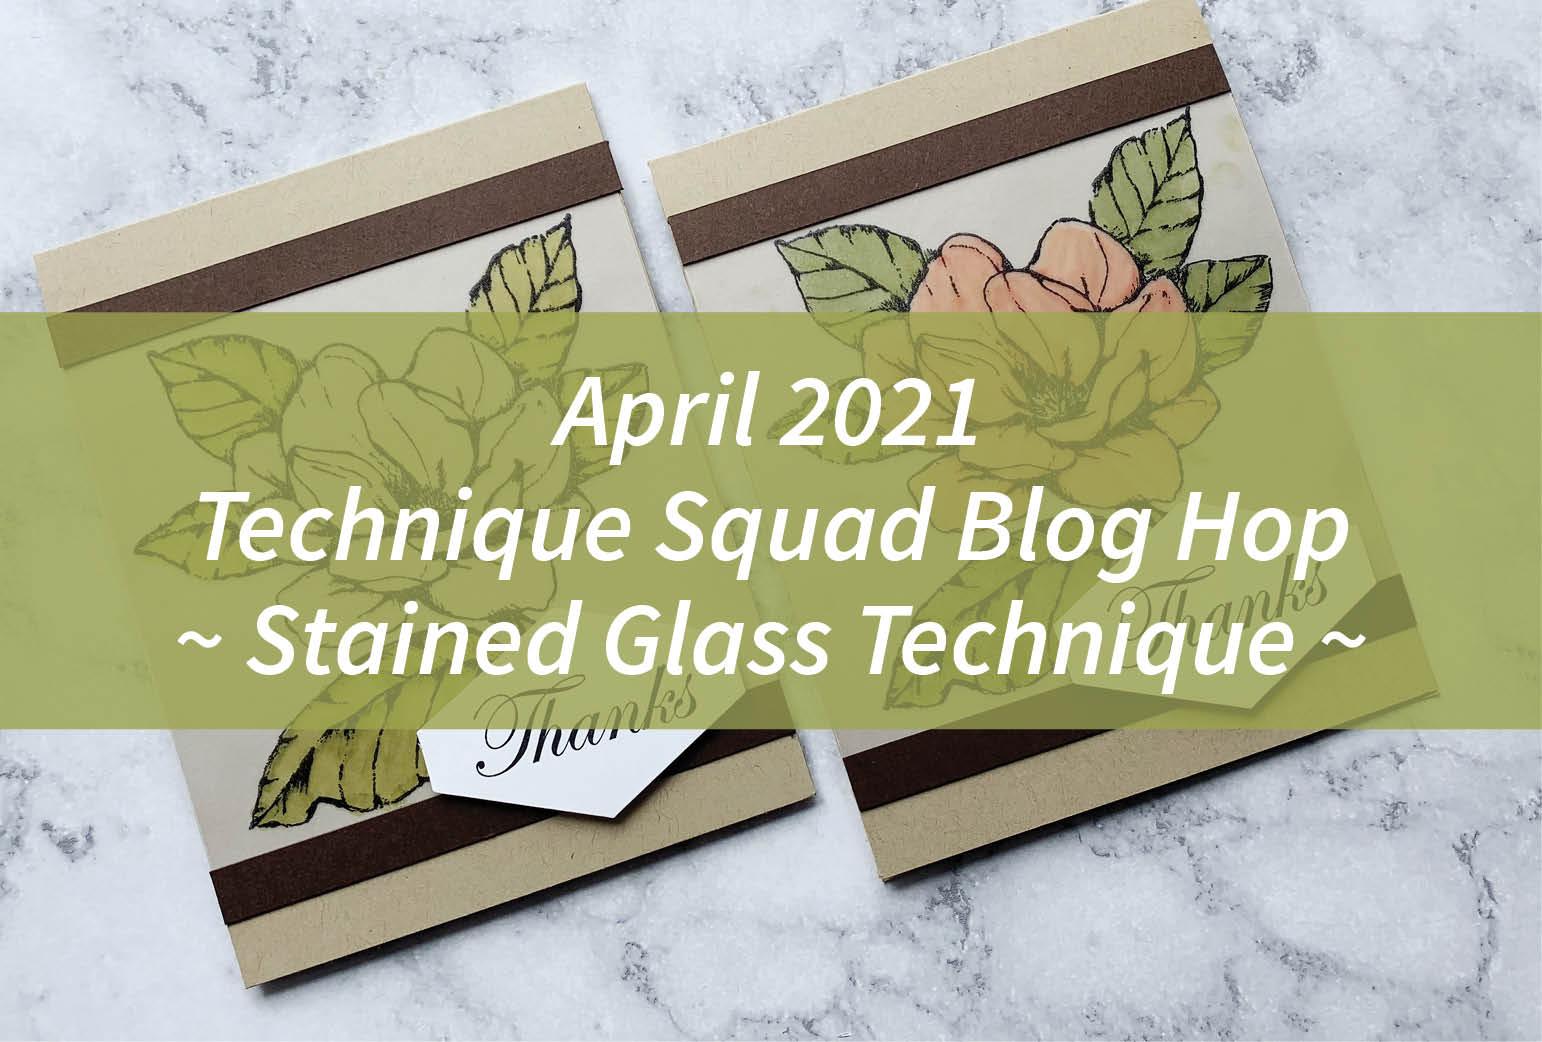 April 2021 Technique Squad Blog Hop – Stained Glass Technique